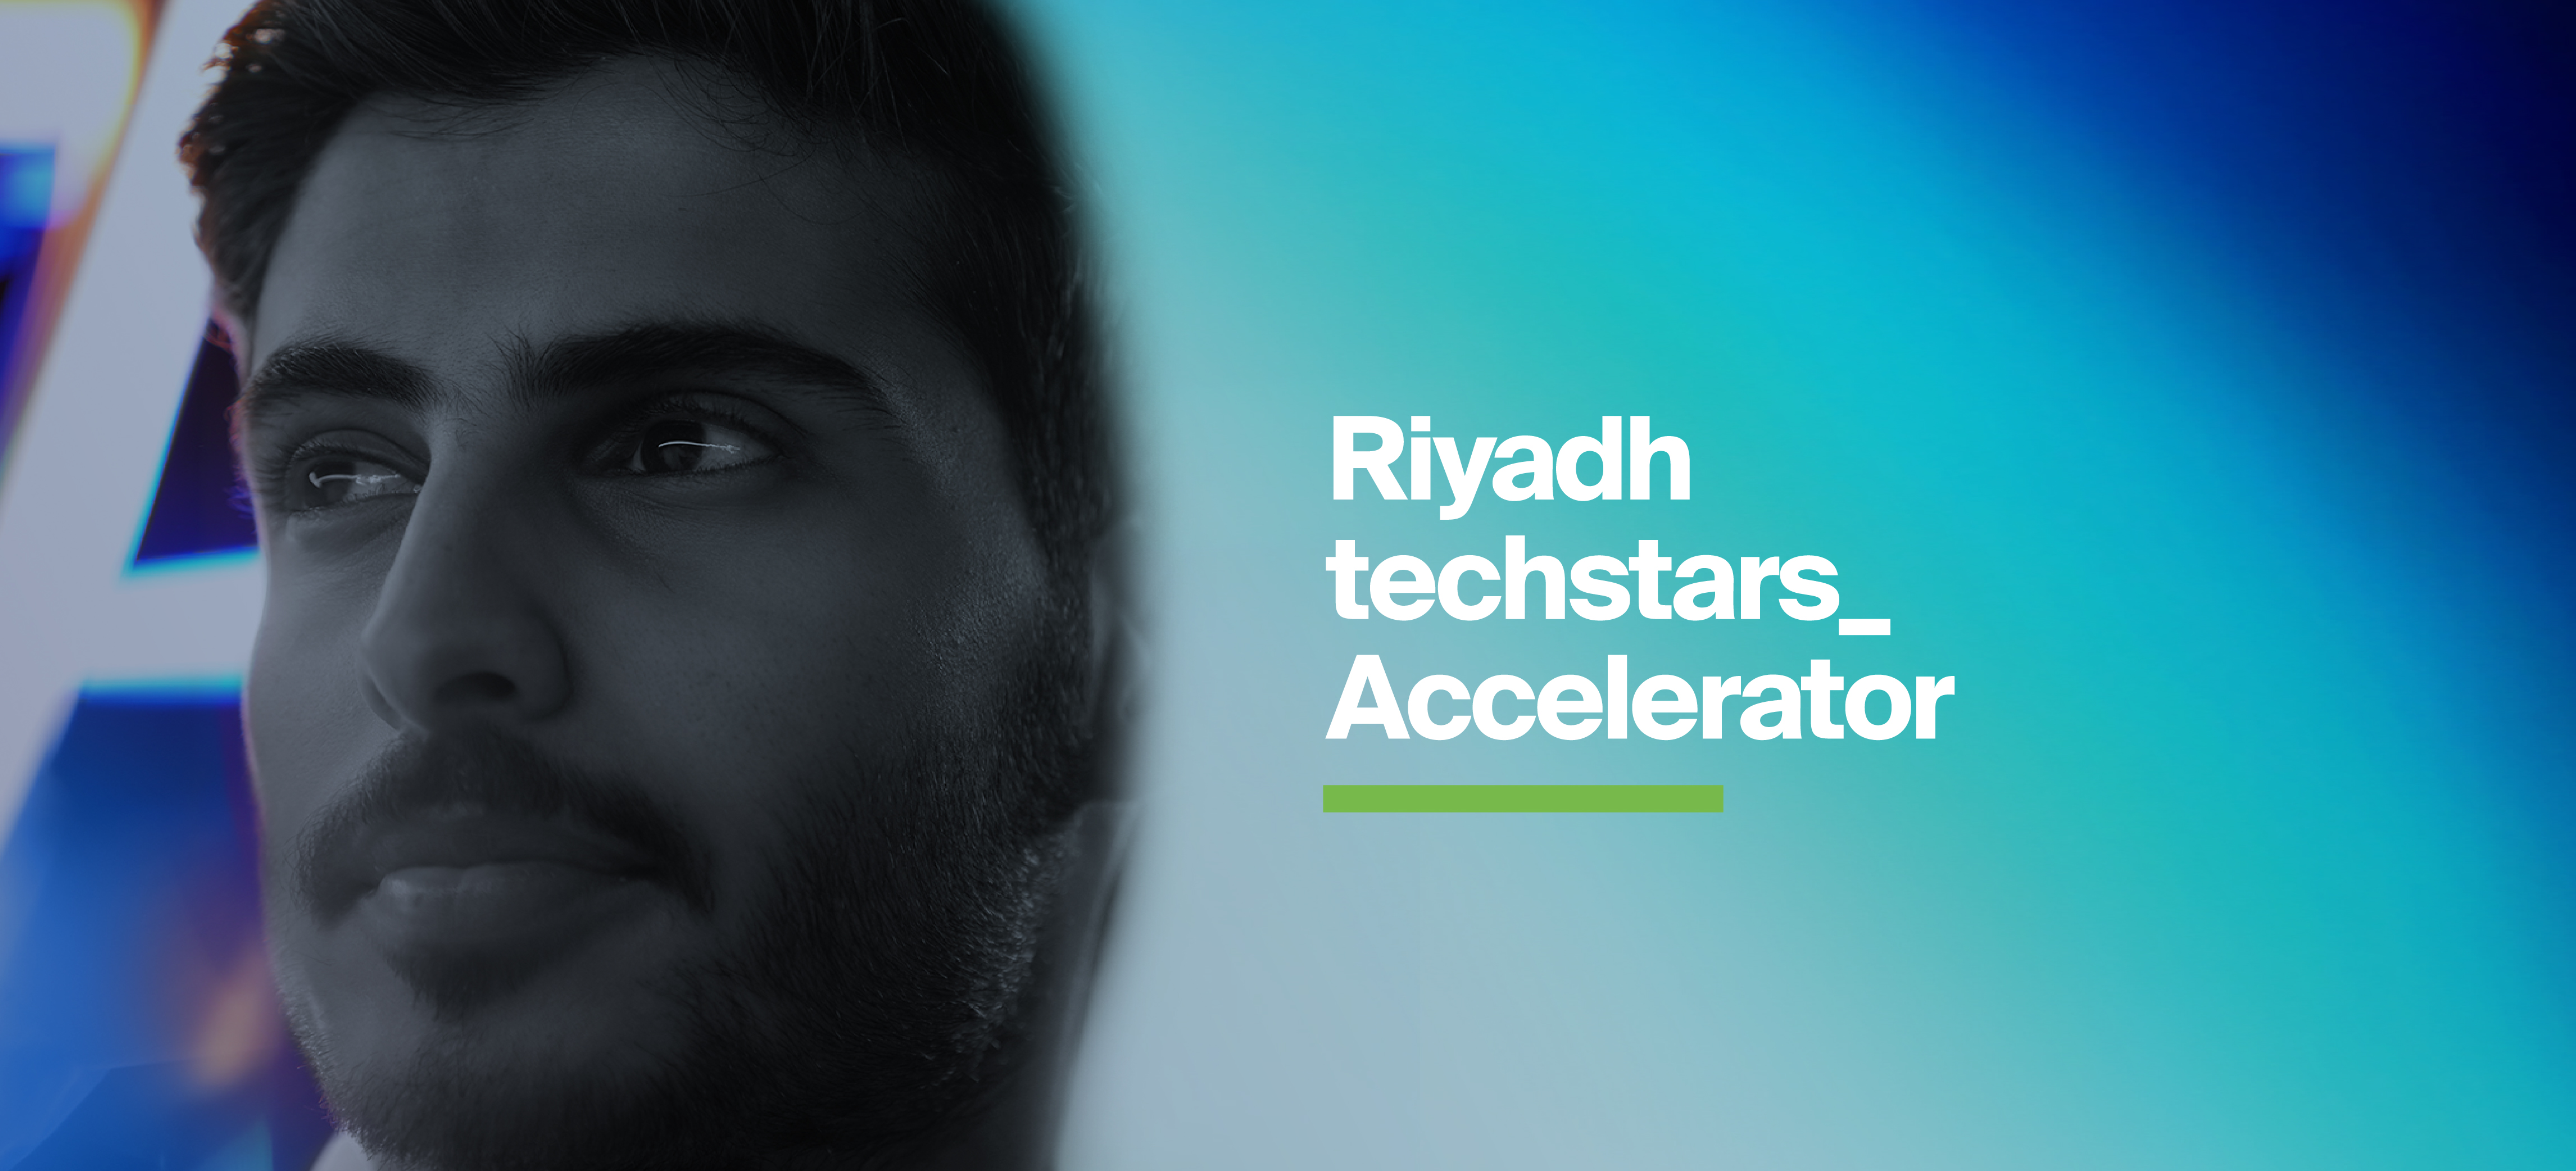 """""""تيكستارز الرياض"""" تبدأ تسجيل الشركات الناشئة التقنية لدعمها وتسريع نموها وتمويلها"""